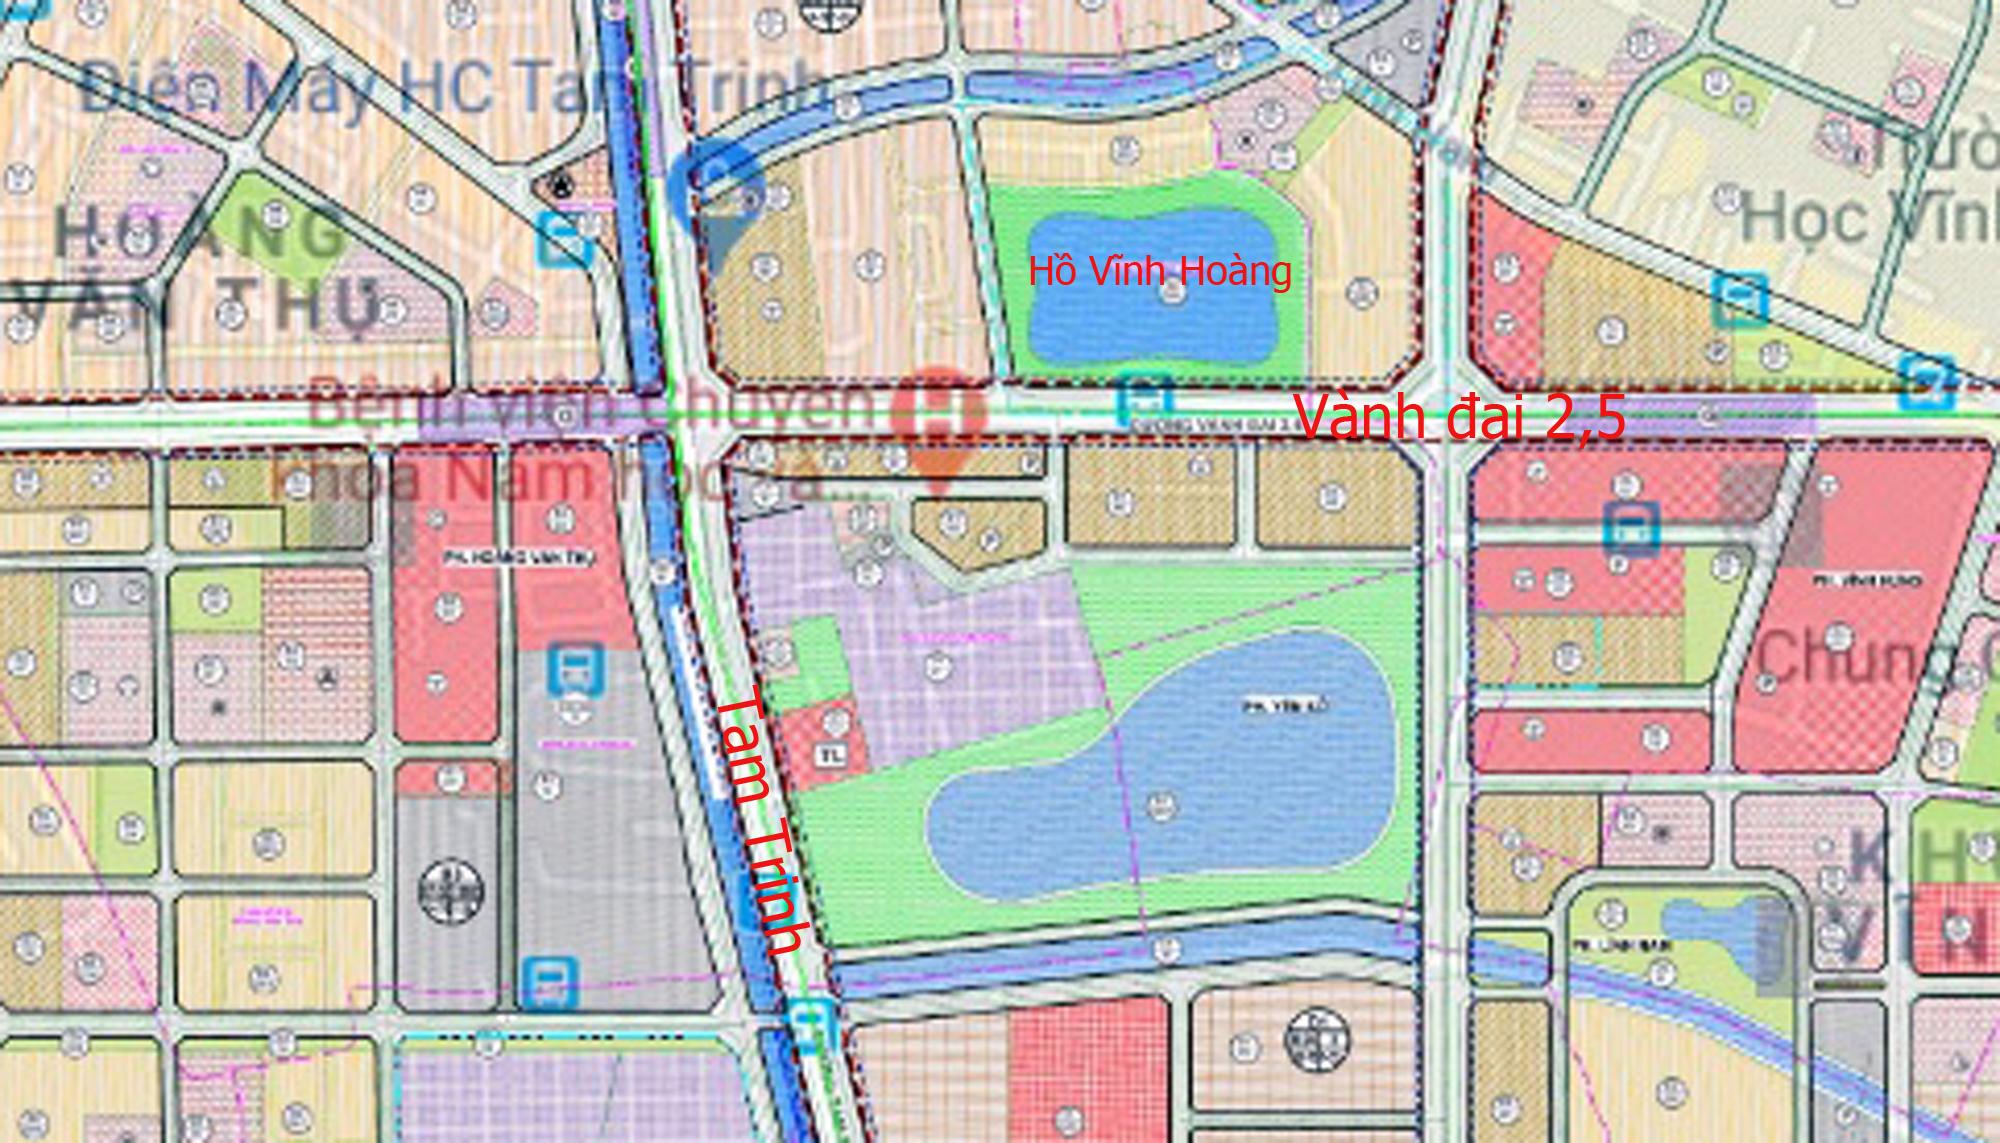 Những dự án chung cư gần các khu đất sẽ đào hồ lớn ở quận Hoàng Mai - Ảnh 1.